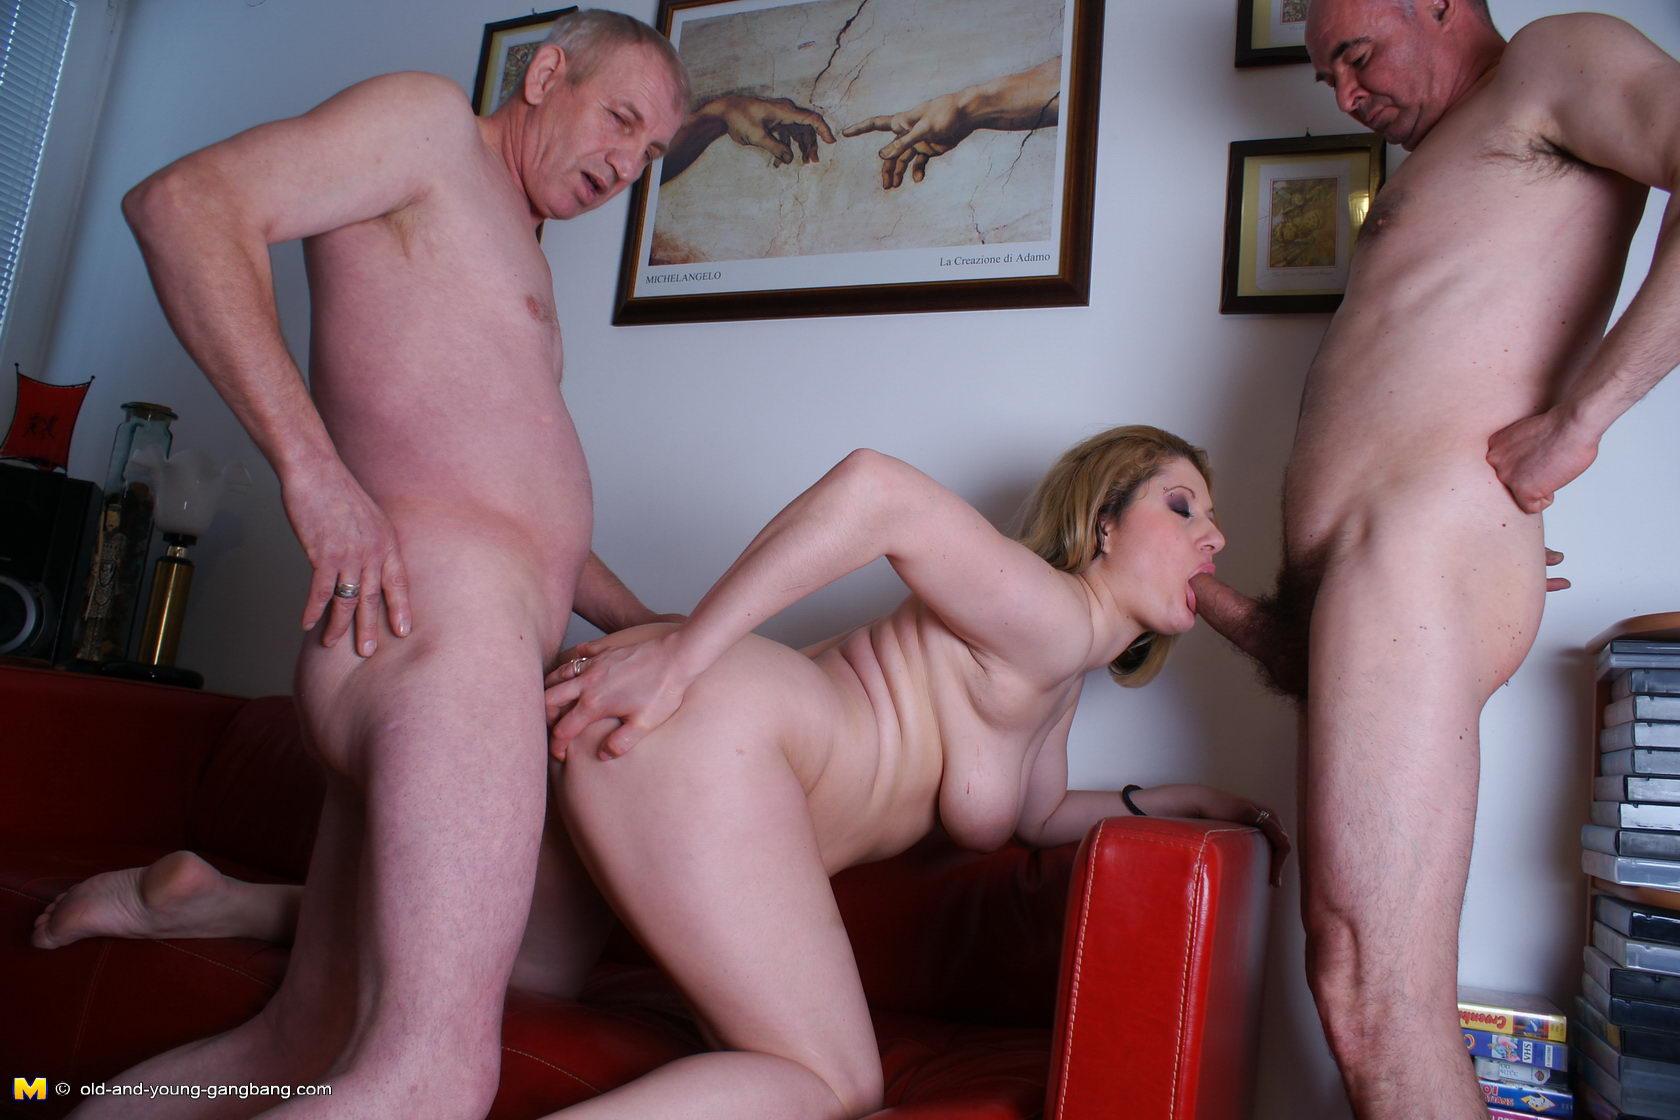 Дед выебал внучку на даче » Порно Дойки.ком - смотреть ...